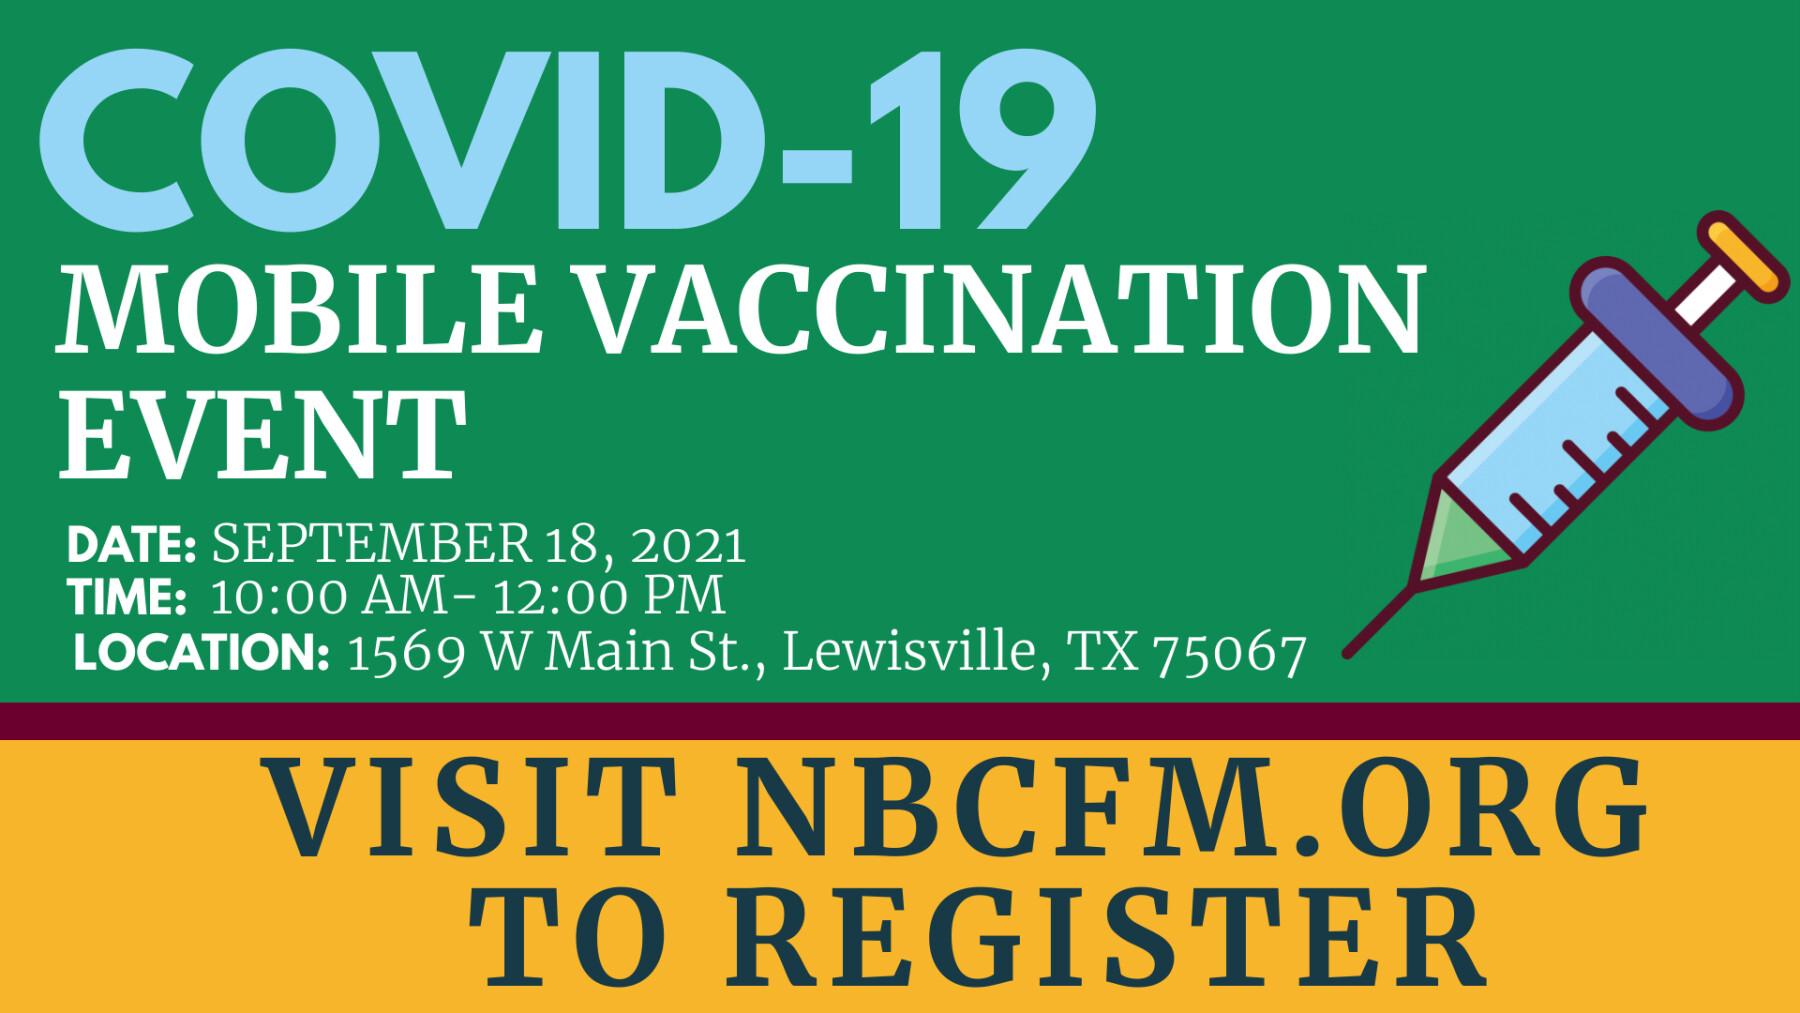 COVID-19 Vaccination Event